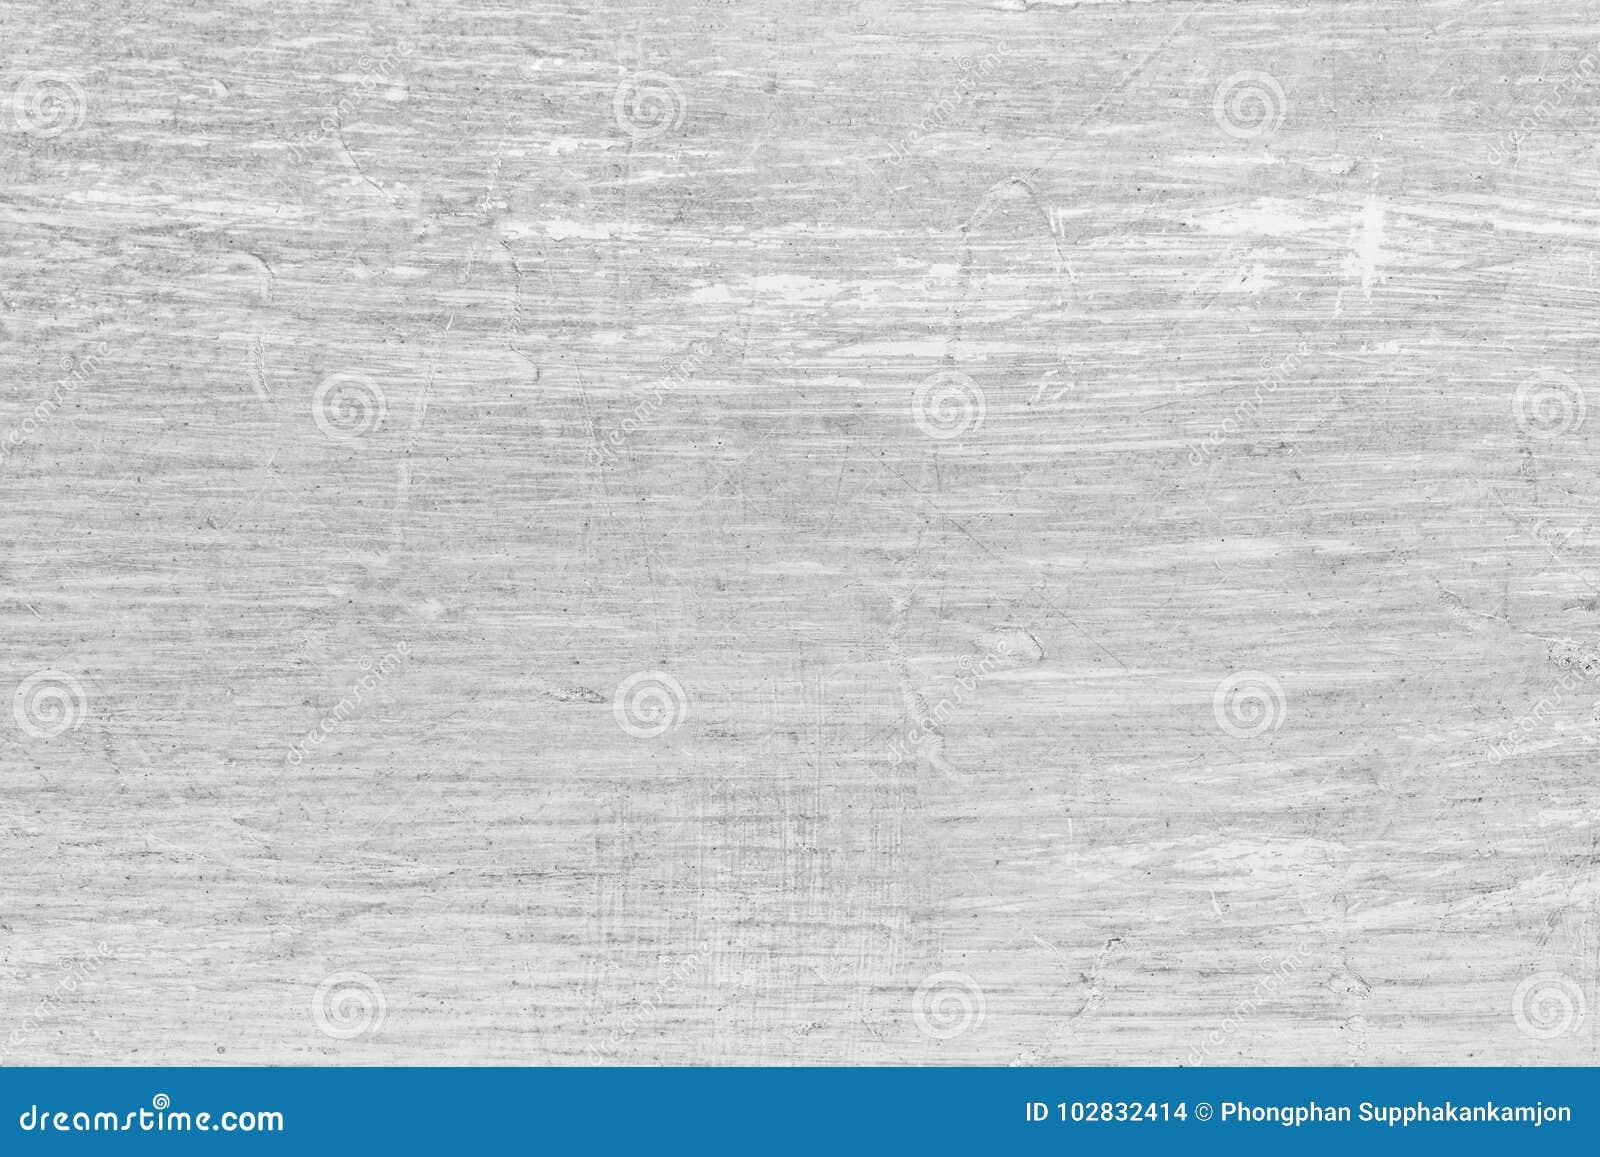 Αφηρημένο αγροτικό υπόβαθρο επιτραπέζιας σύστασης επιφάνειας σκοτεινό ξύλινο clos